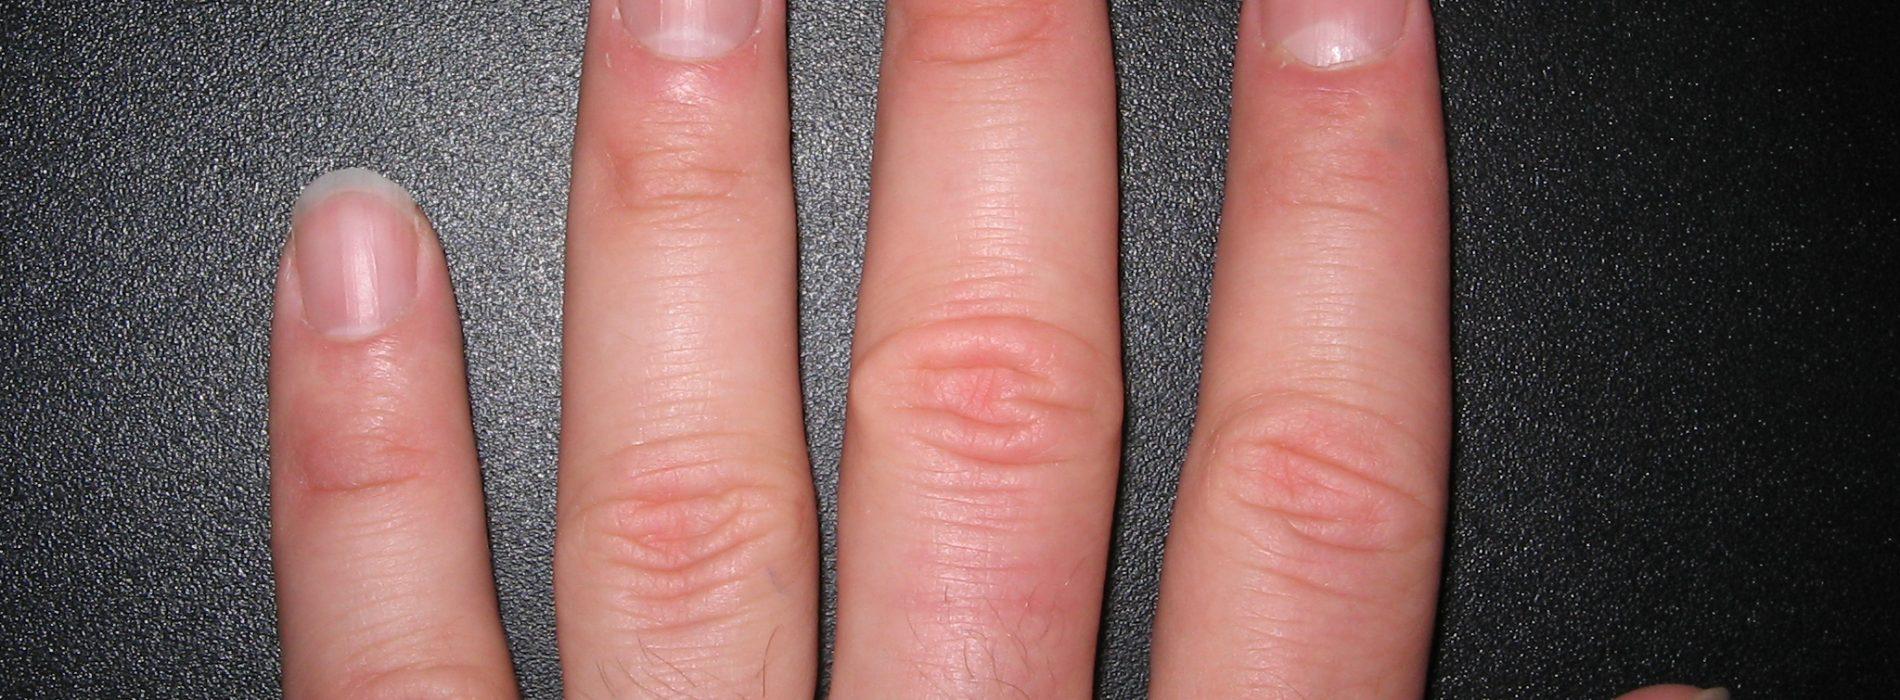 Dit is wat de vorm en grootte van je nagels over jou zegt!